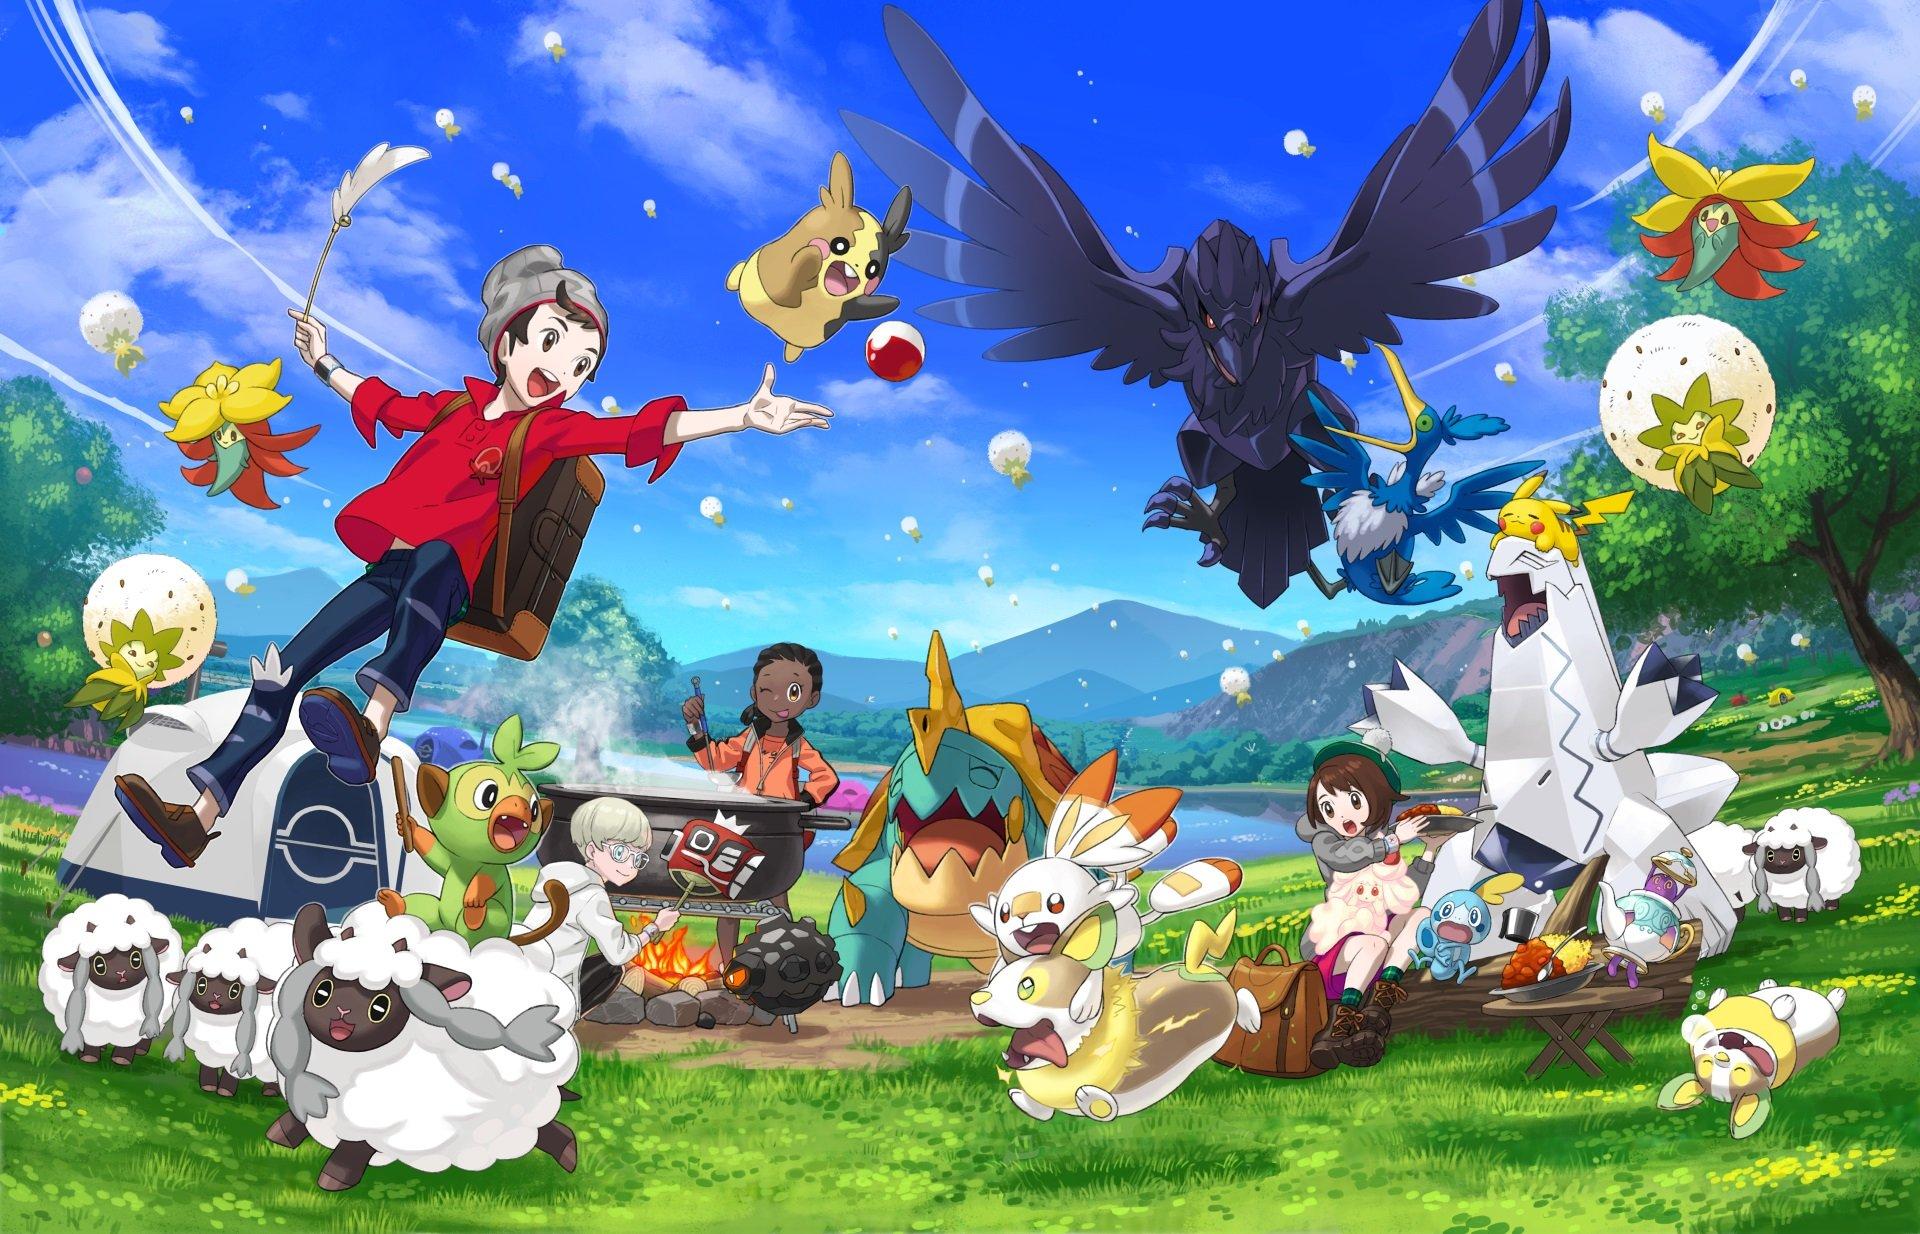 Contrôleurs supportés par Pokemon Sword et Shield